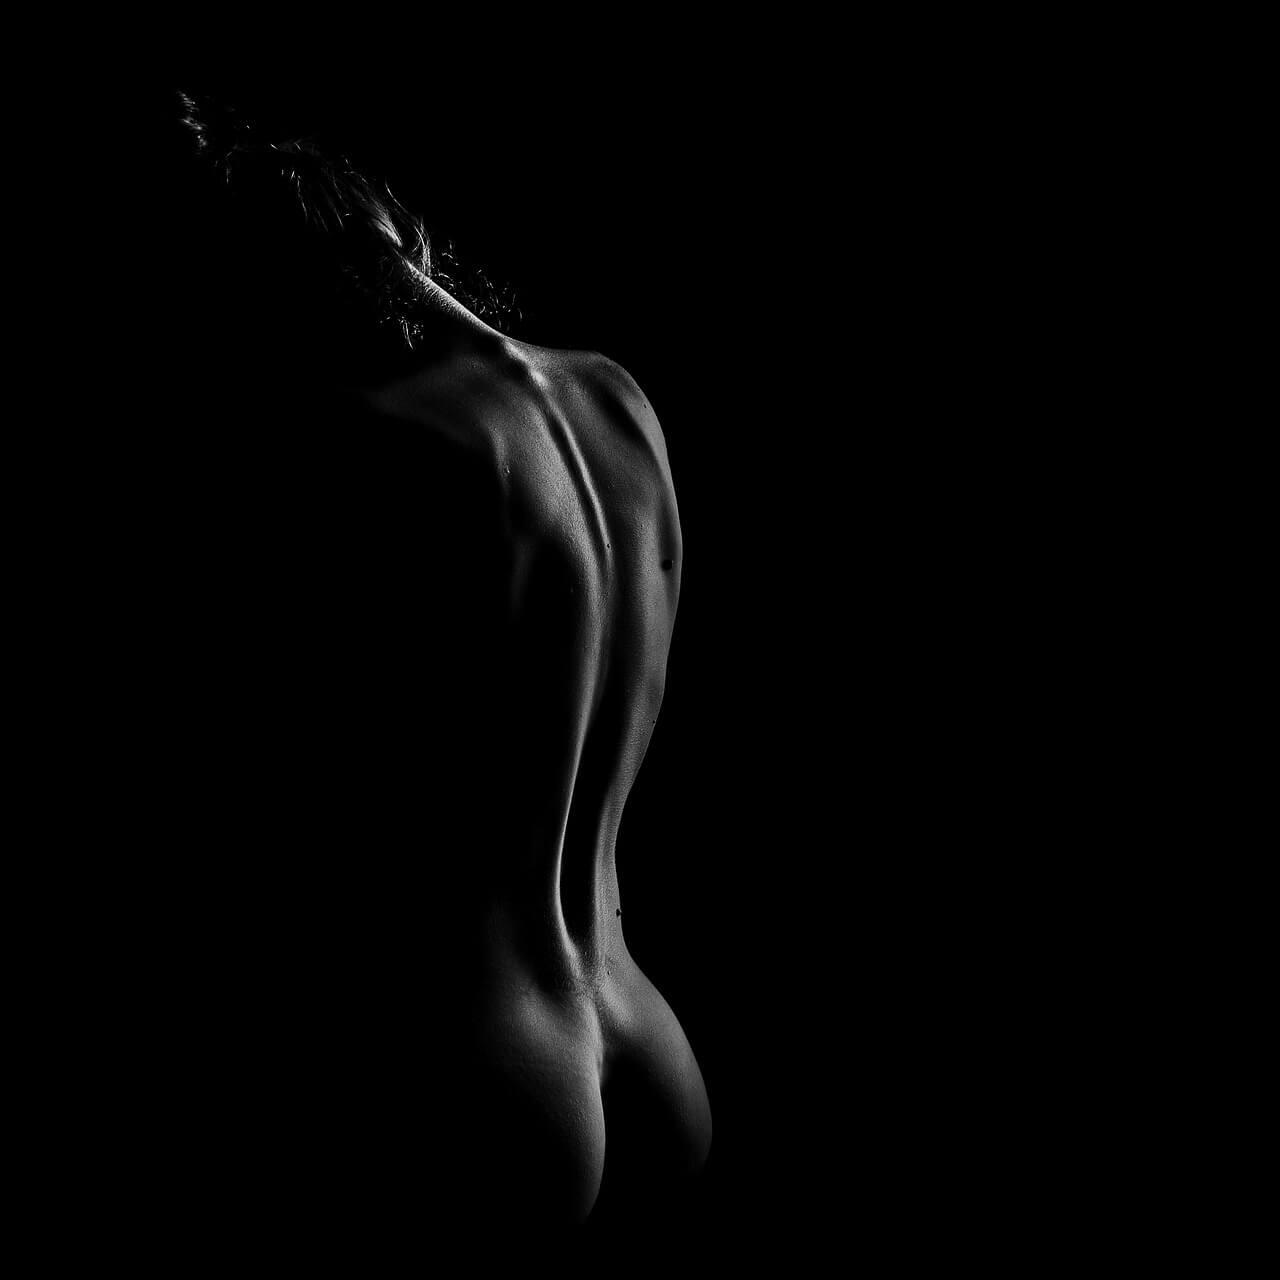 nudo-silouette